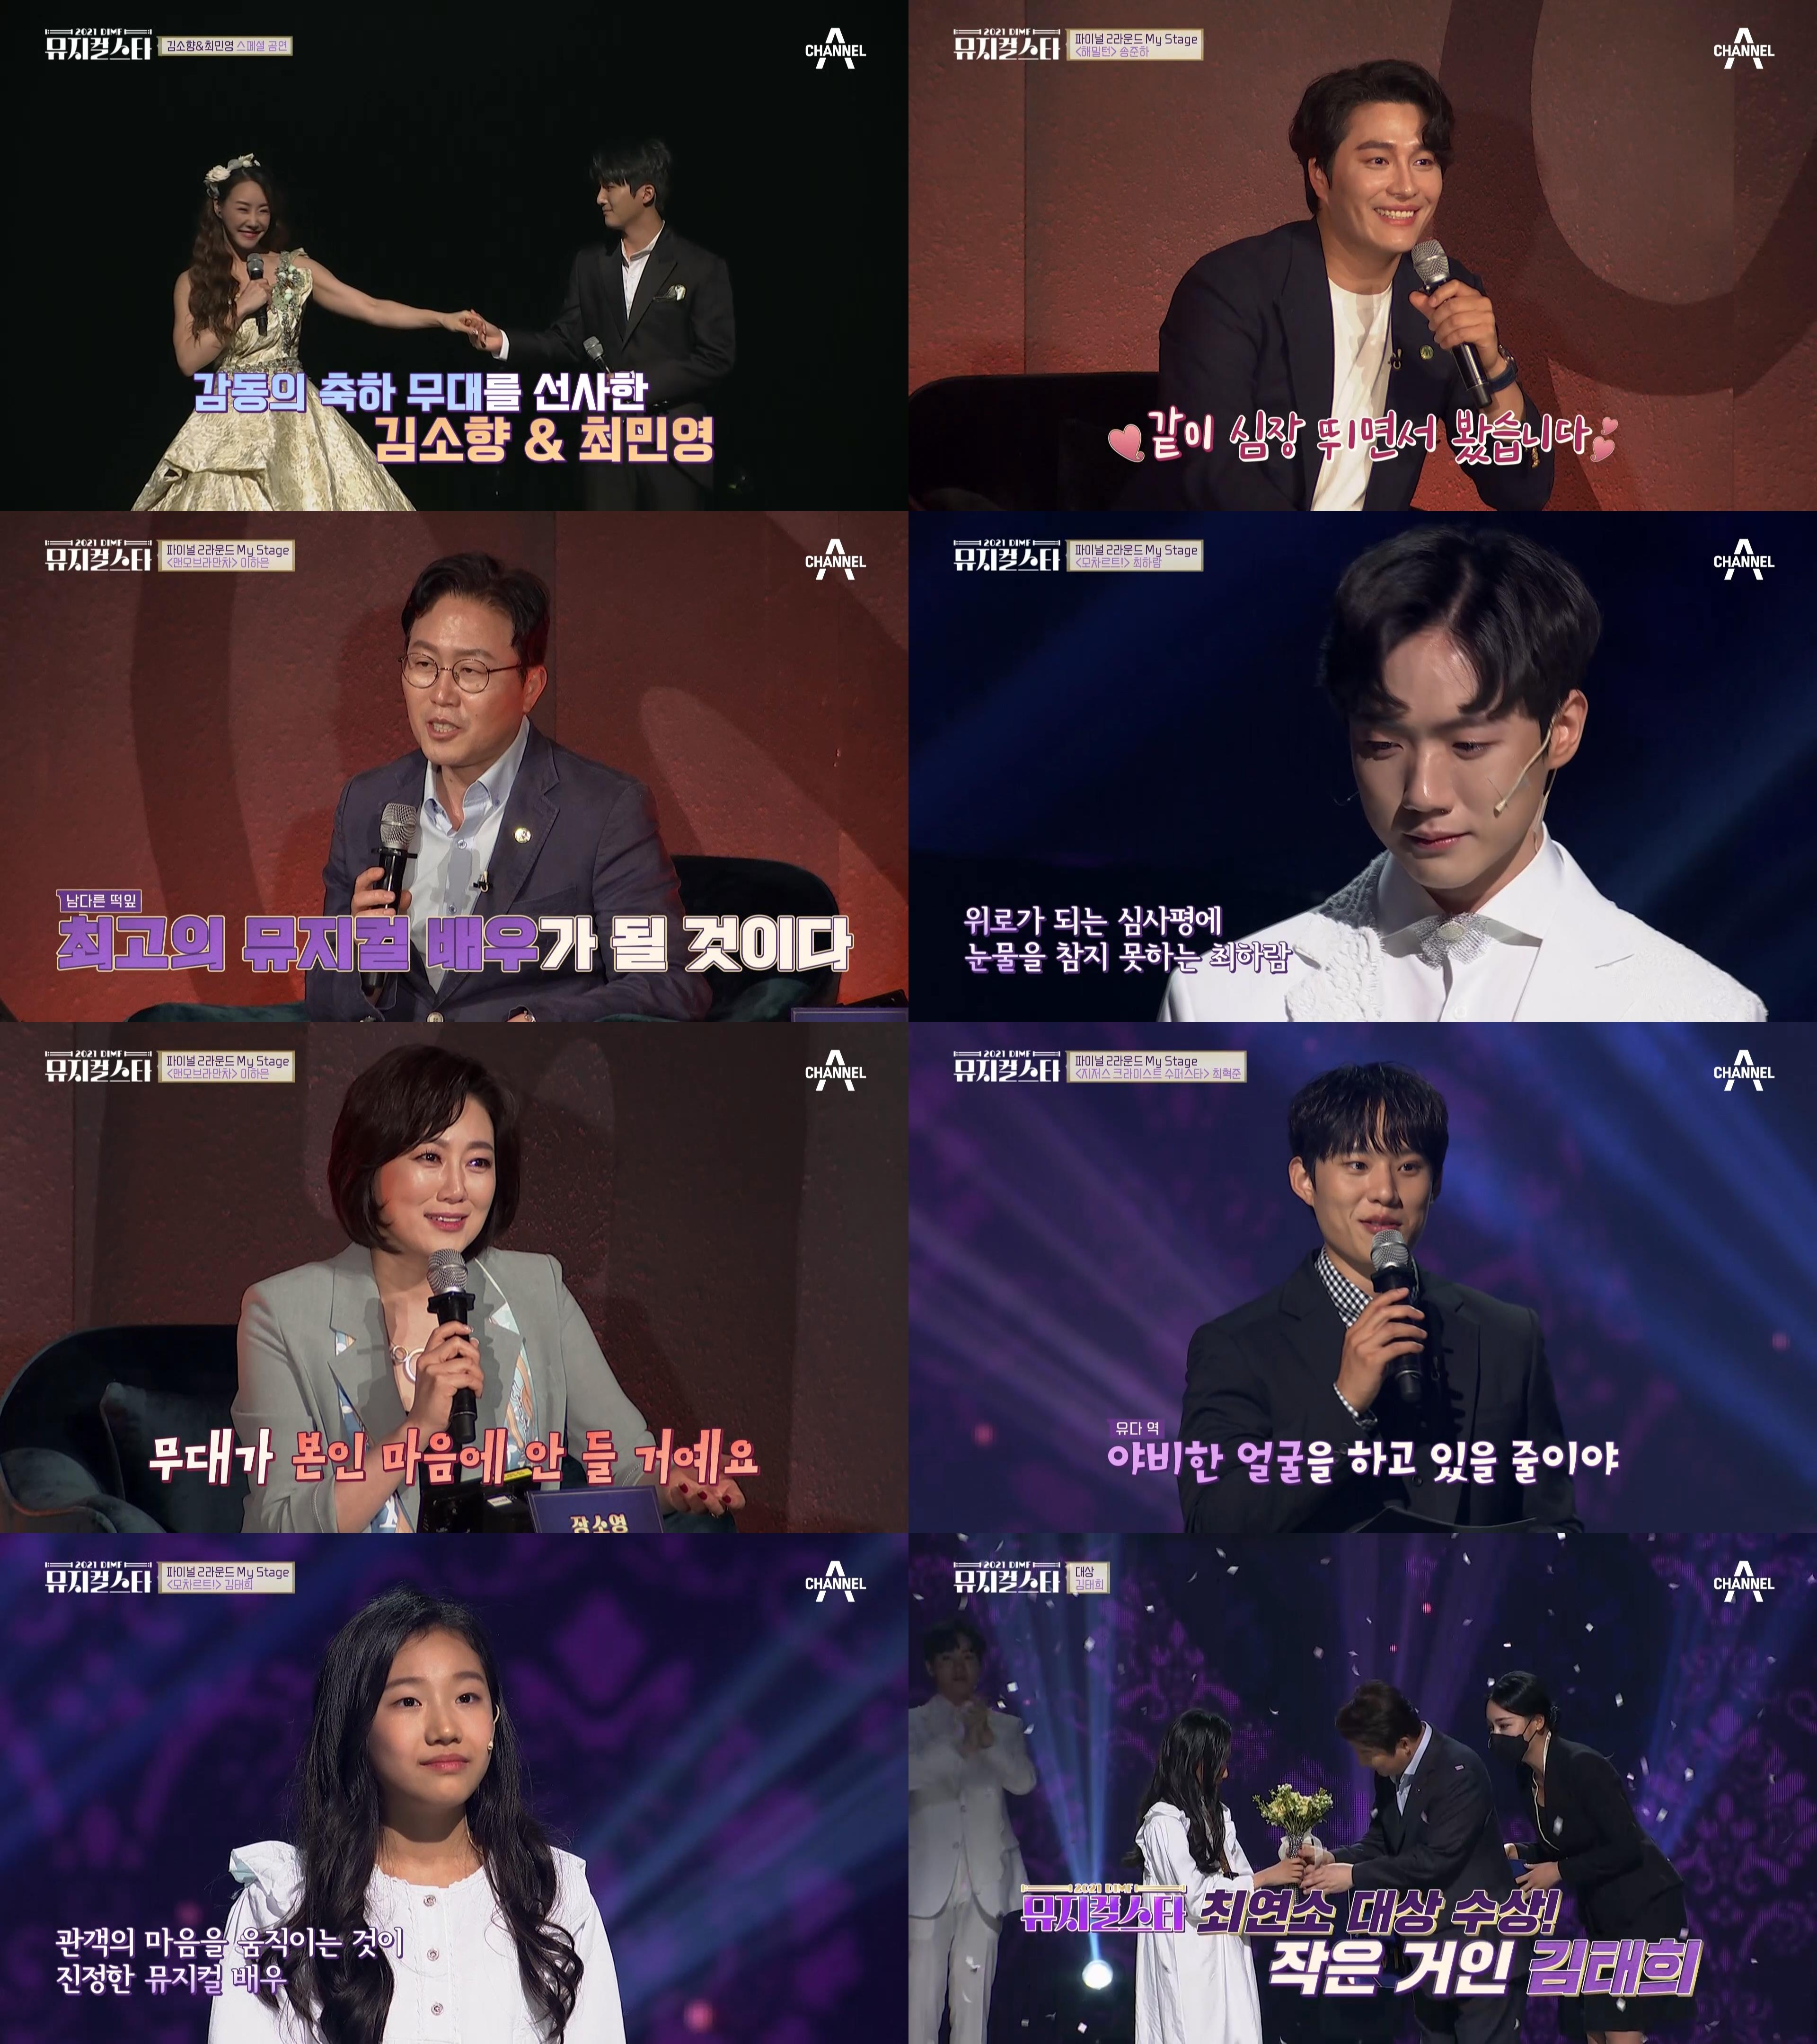 """'뮤지컬스타' 15세 김태희 역대 최연소 대상 수상…심사위원 """"천재적"""" 극찬"""